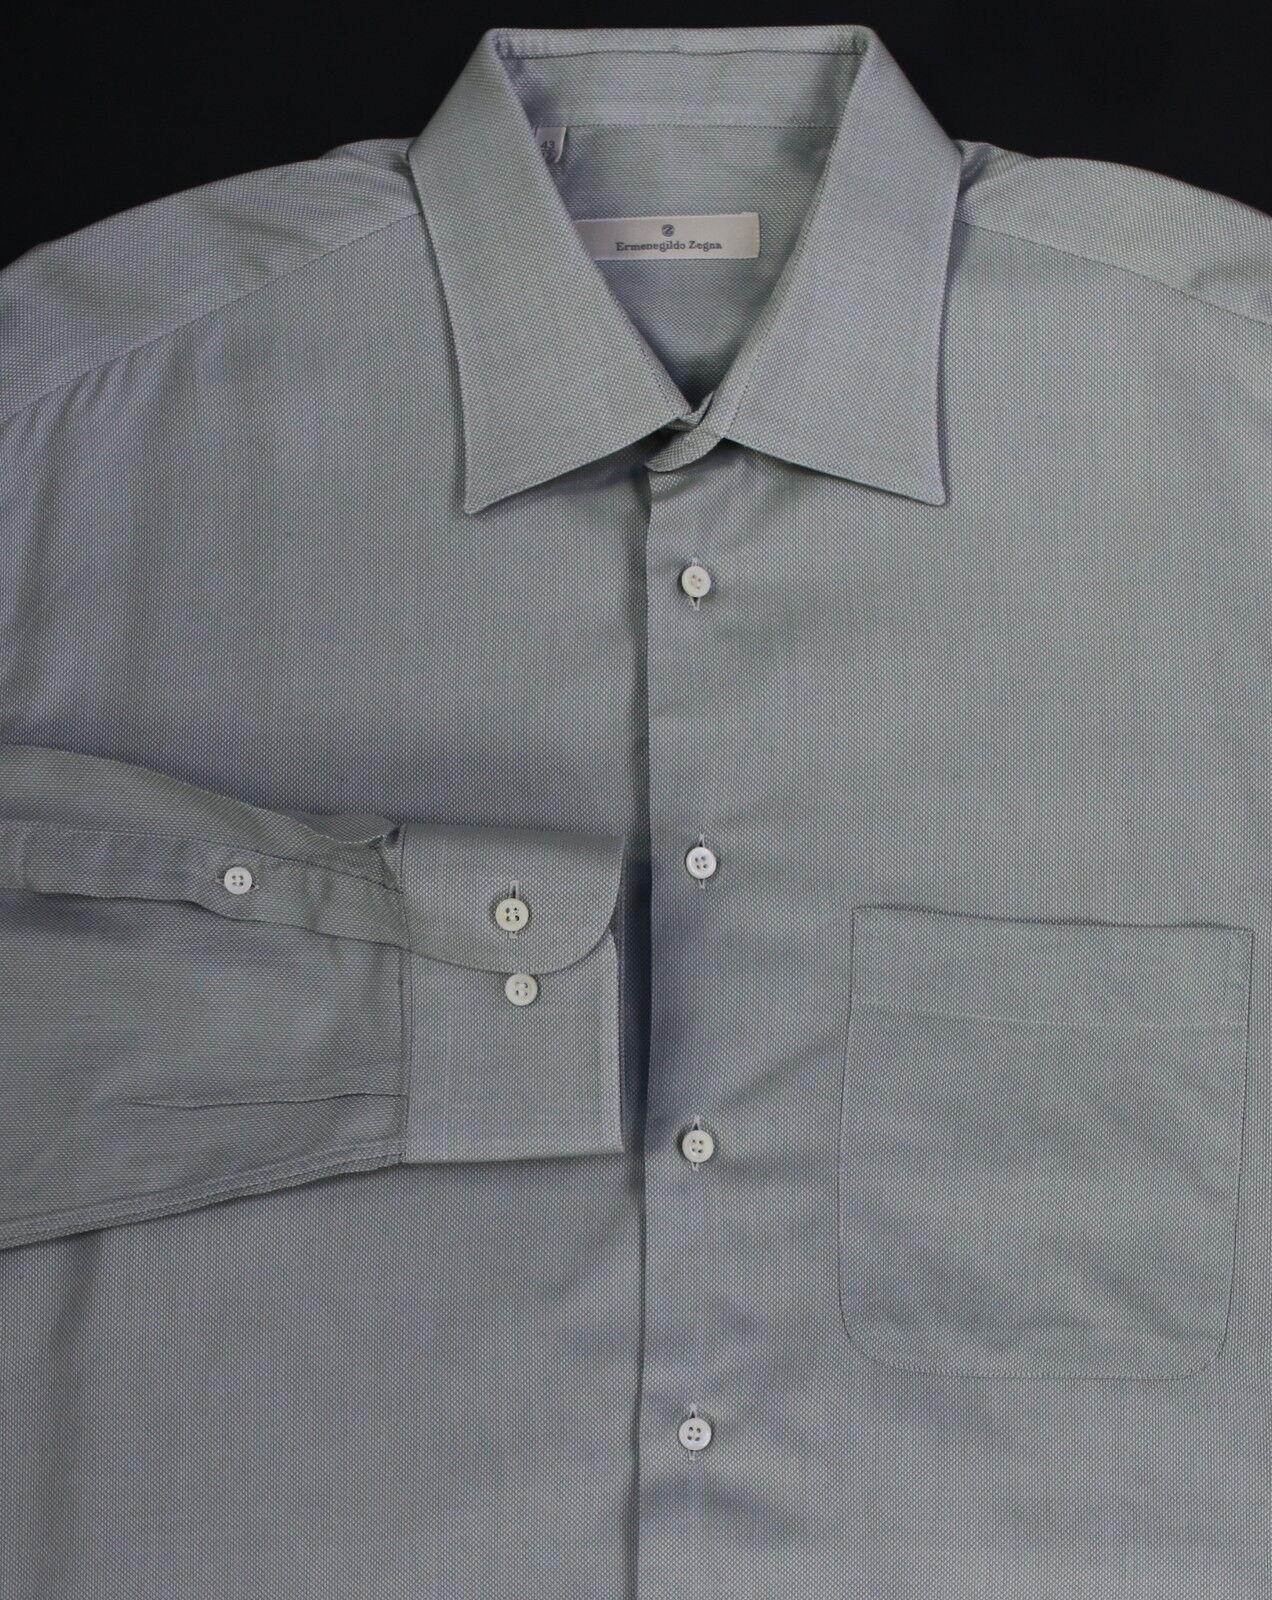 ERMENEGILDO ZEGNA  Recent Green Woven Cotton Dress Shirt Long (43) 17-37